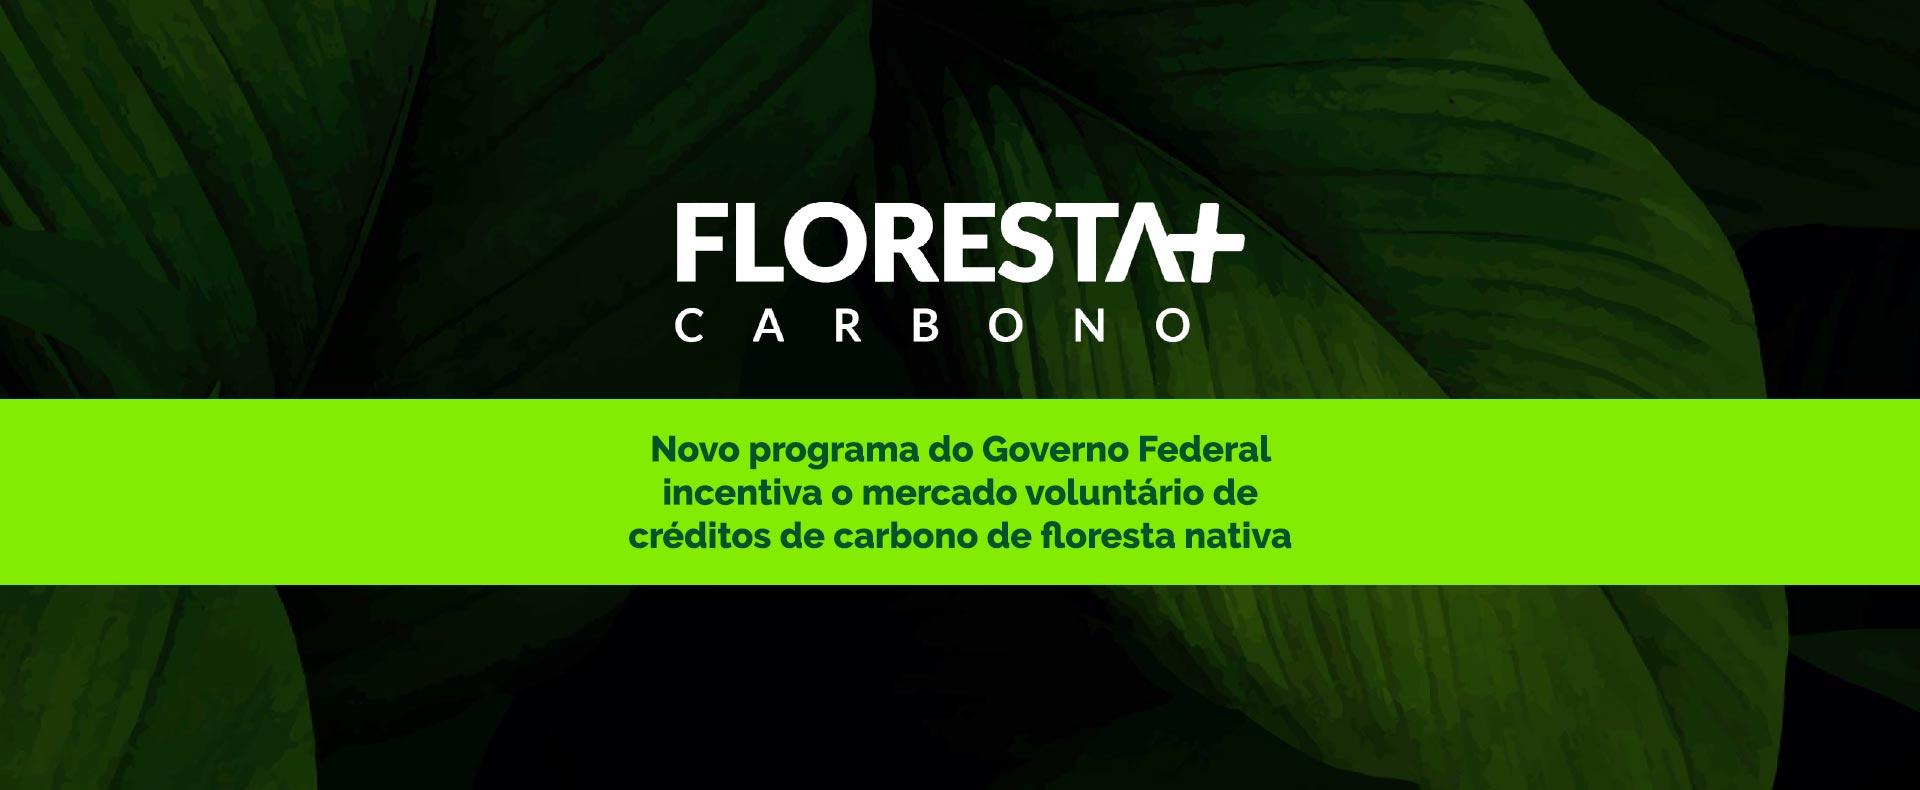 Floresta+ CARBONO: novo programa do Governo Federal incentiva o mercado voluntário de créditos de carbono de floresta nativa